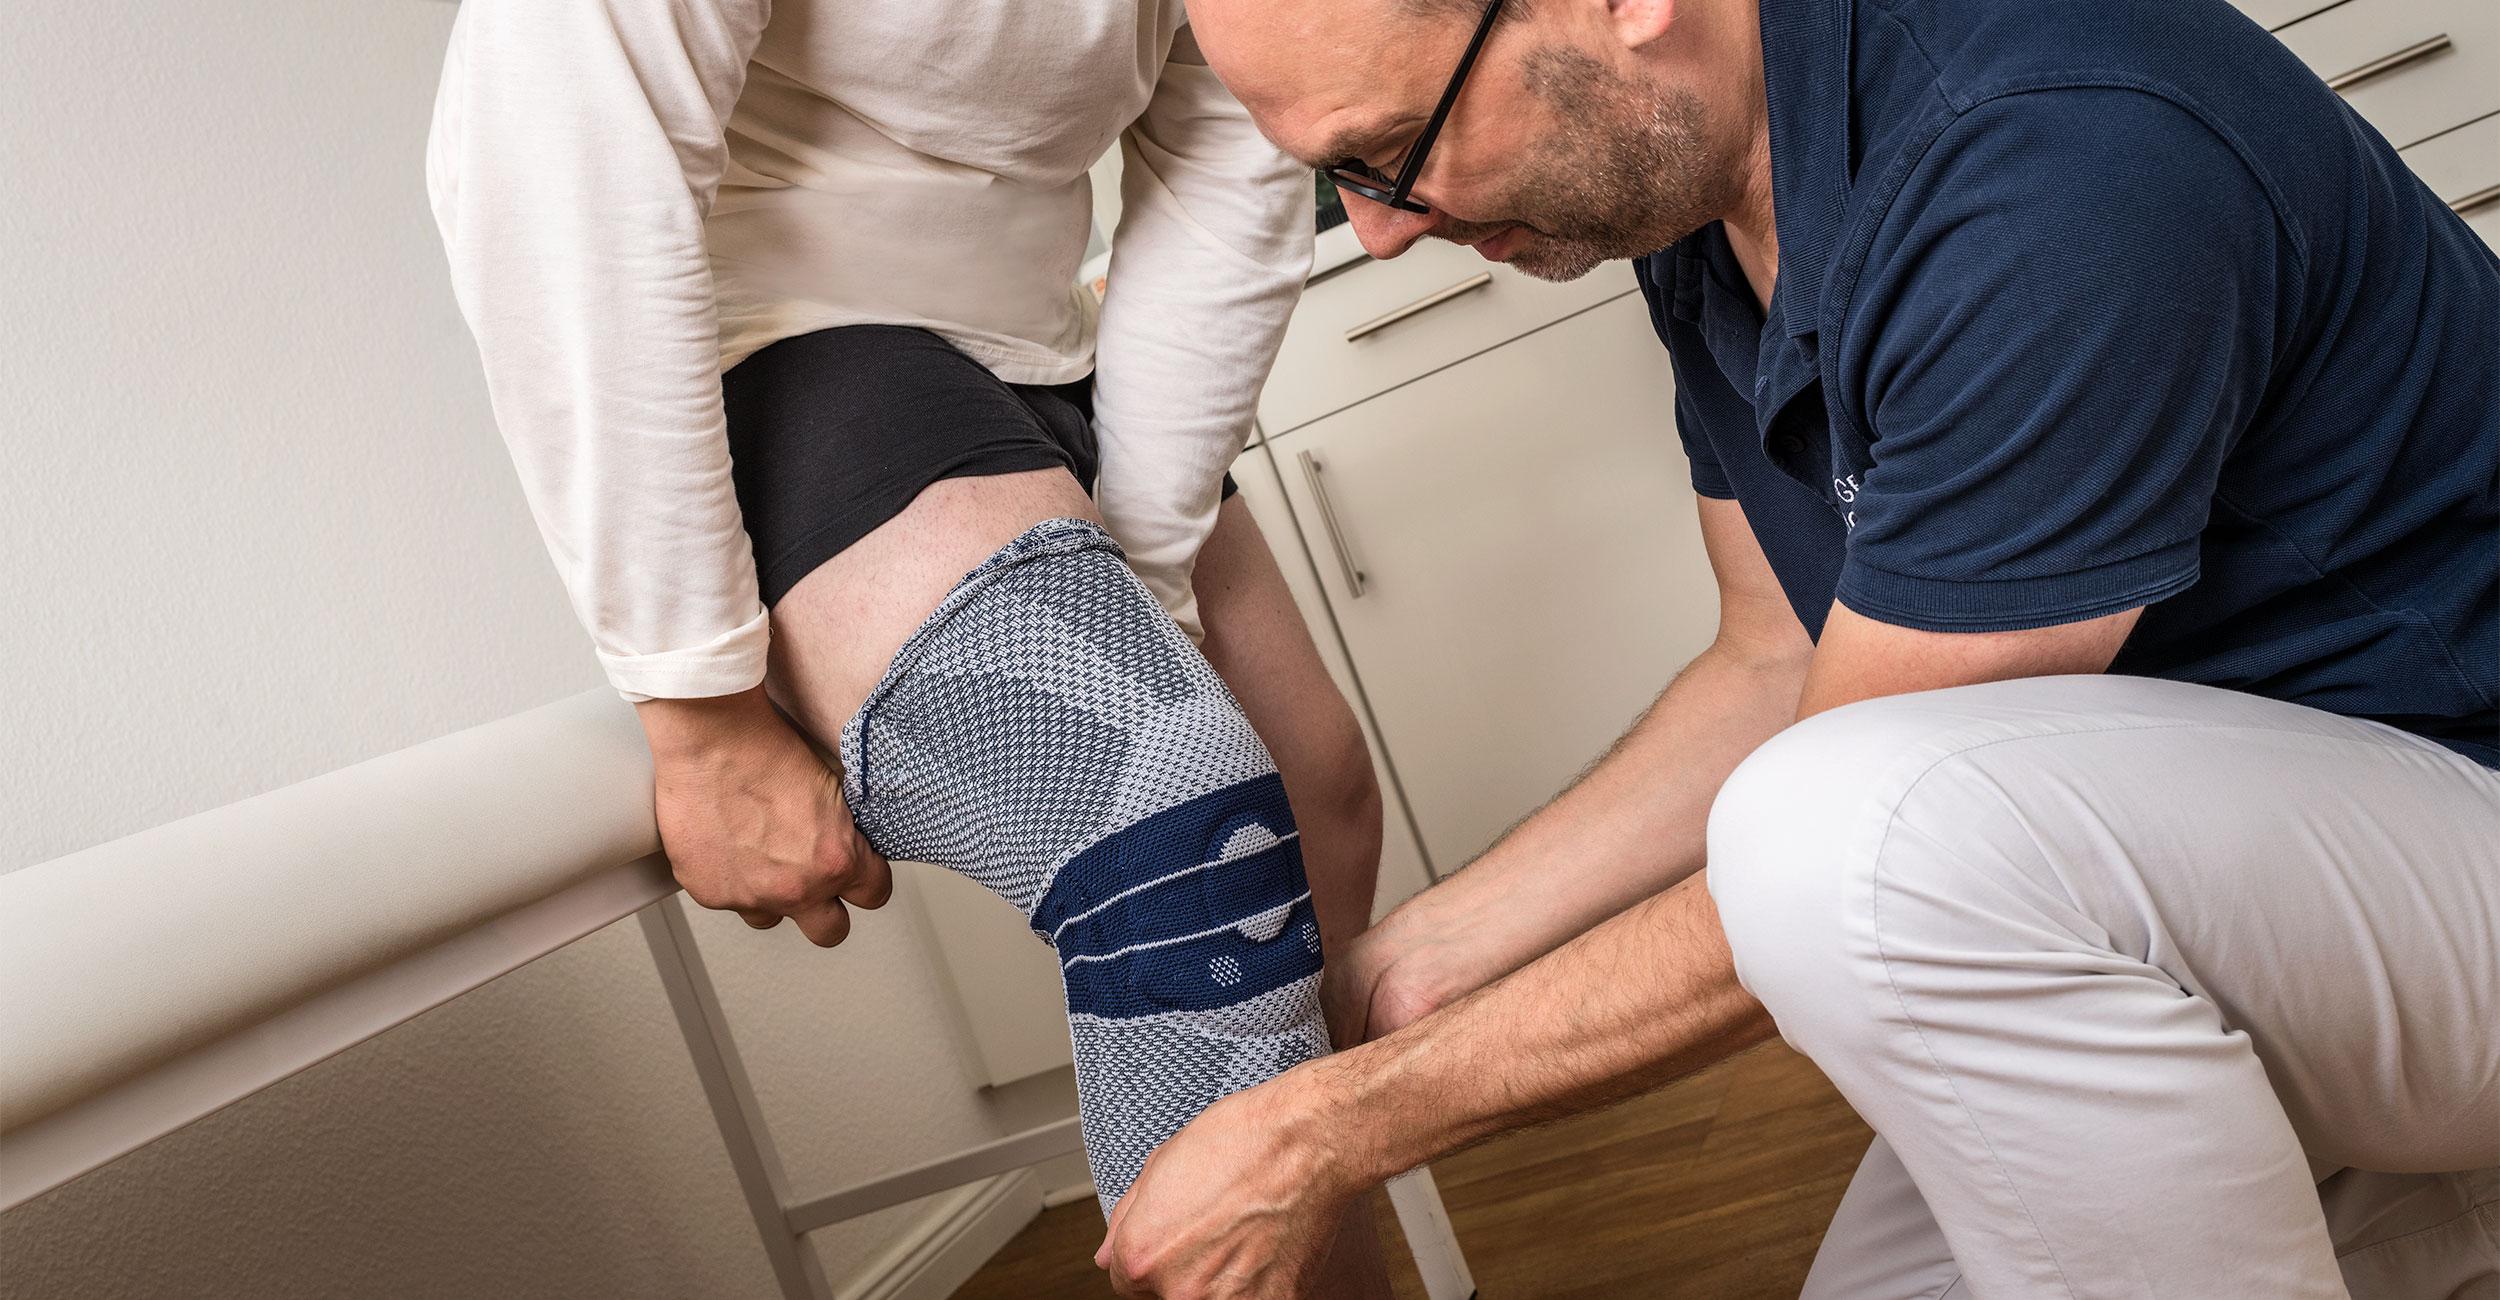 Einlagen als orthopädisches Hilfsmittel